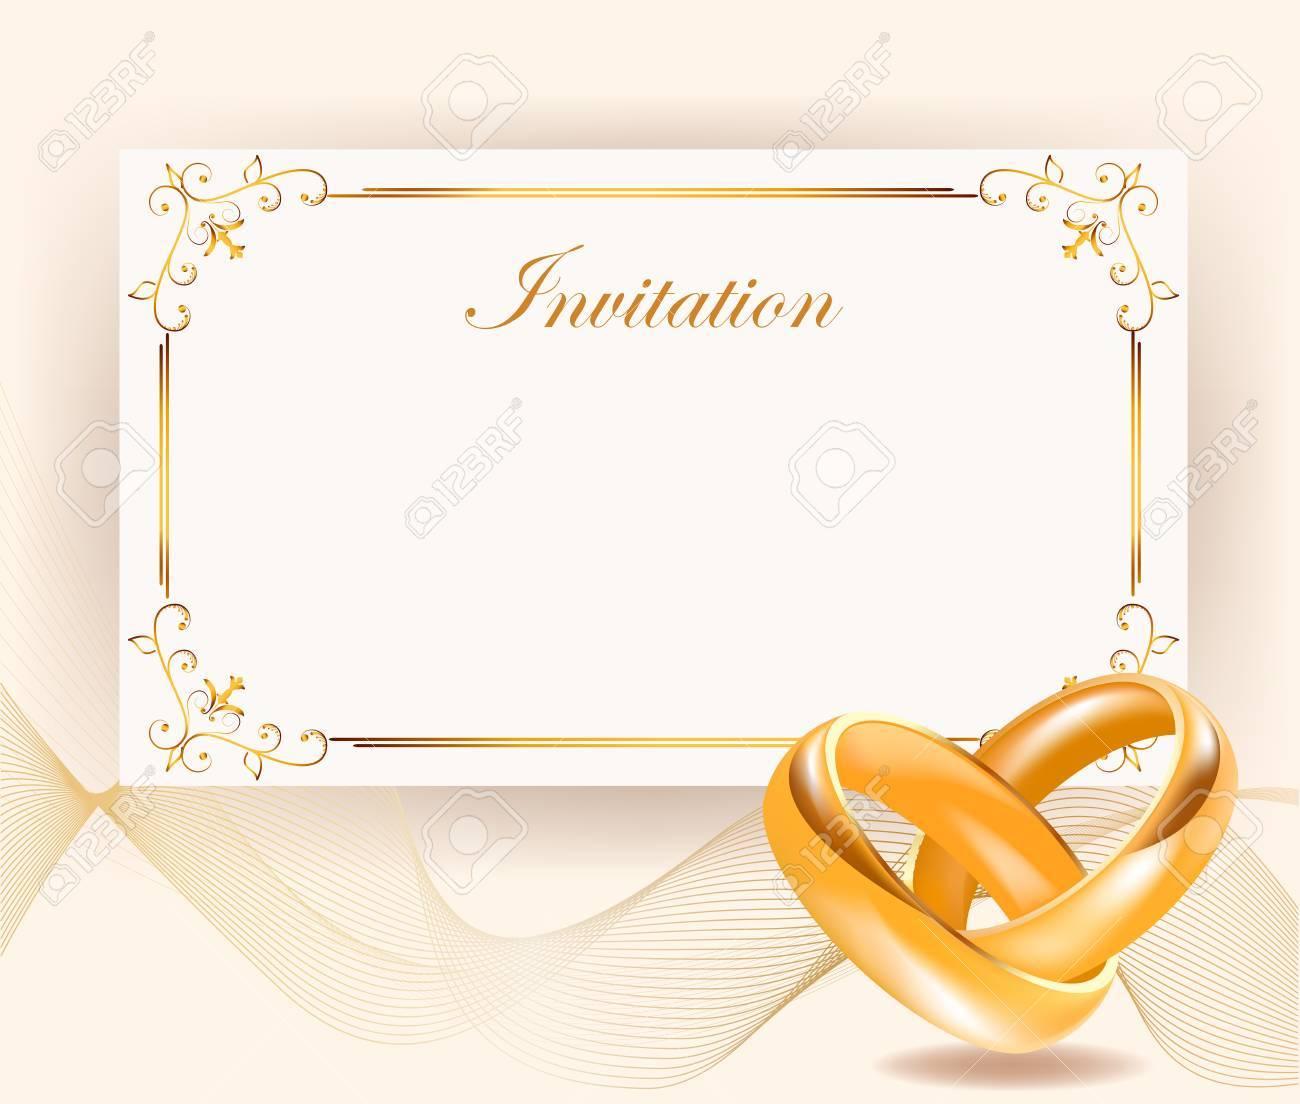 Einladung Zur Hochzeit Breite Goldene Ringe Im Retro Stil Perfekt